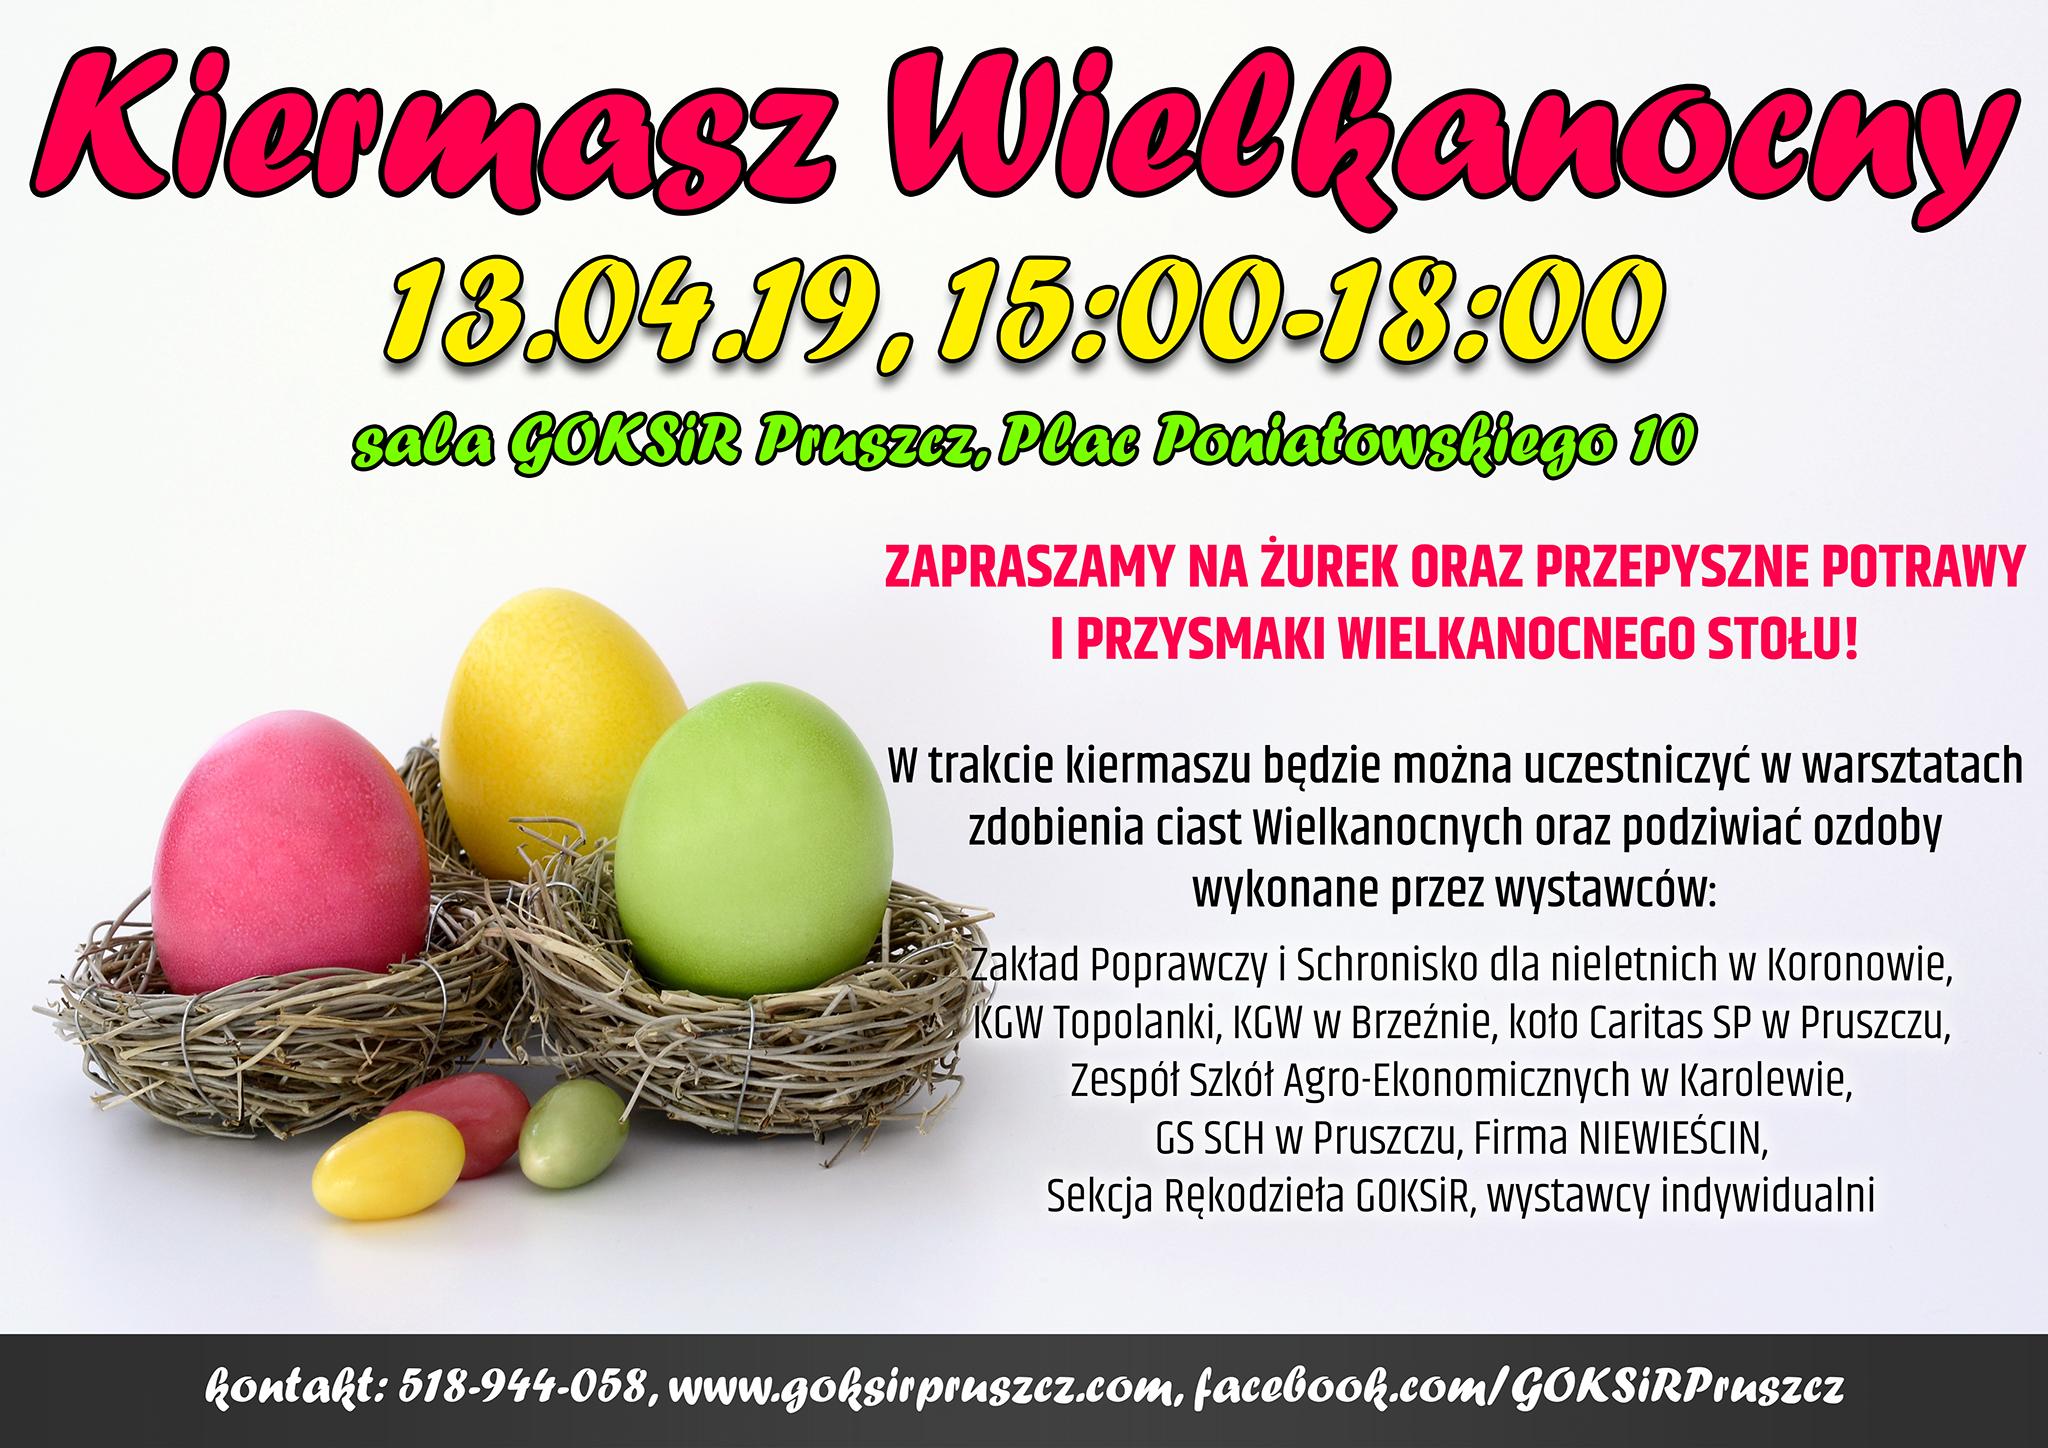 Kiermasz-Wielkanocny-2019---INTERNET-01